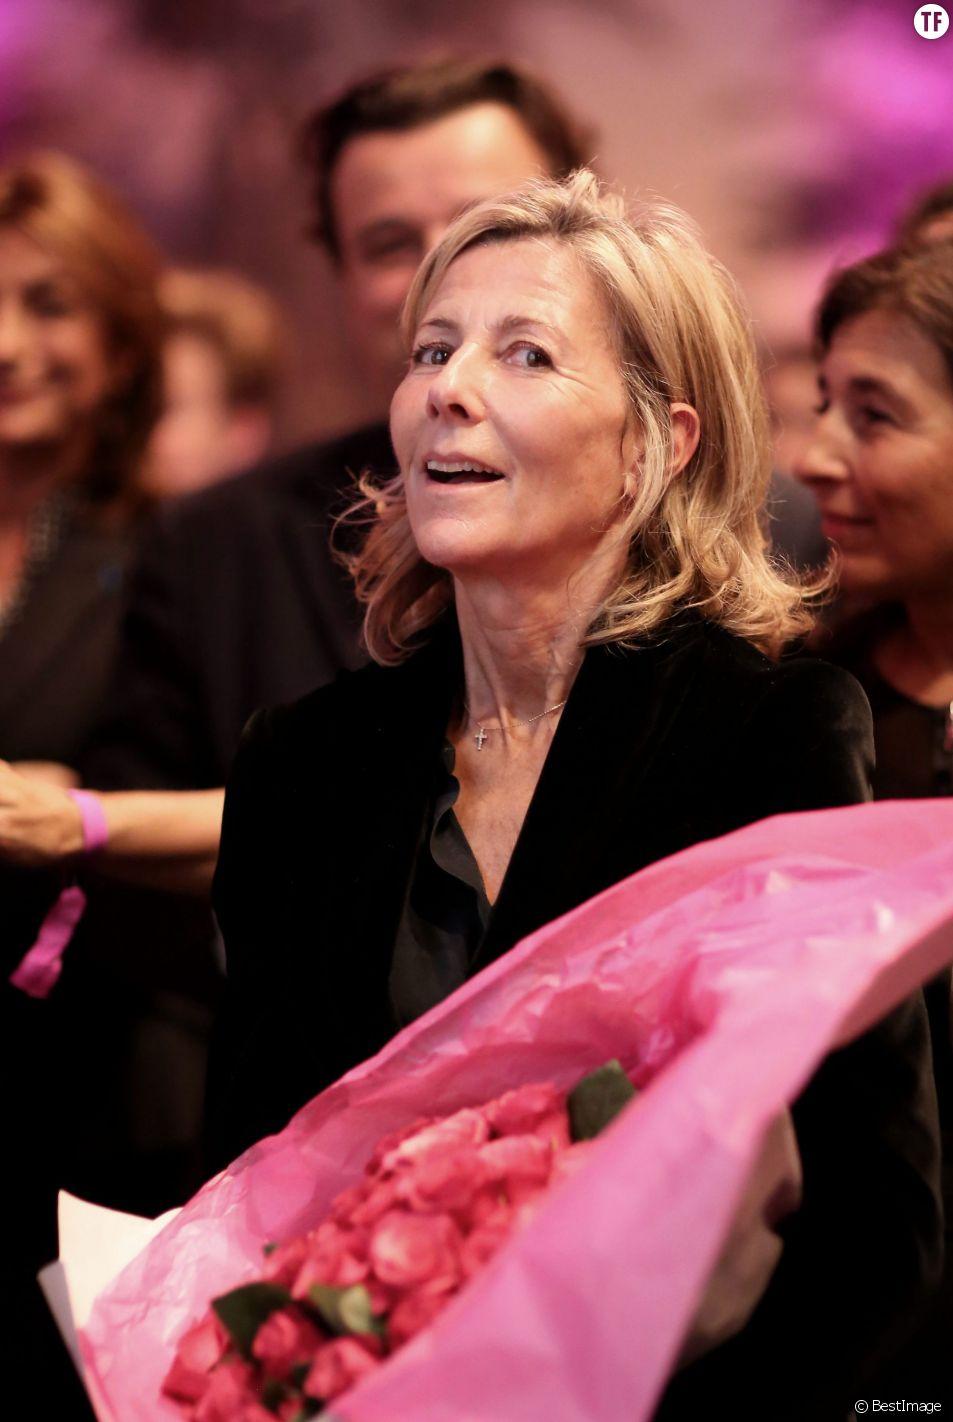 Claire Chazal - Soirée de remise des Prix de la Femme d'Influence à l'hôtel du Louvre à Paris, le 1er Décembre 2015. Ces prix récompensent pour la seconde fois cinq femmes dont le parcours remarquable est porteur de courage, de créativité, de responsabilité et de bienveillance. A cette occasion, Claire Chazal, dont c'était le 59ème anniversaire, a reçu un énorme bouquet de fleurs. © Dominique Jacovides / Bestimage